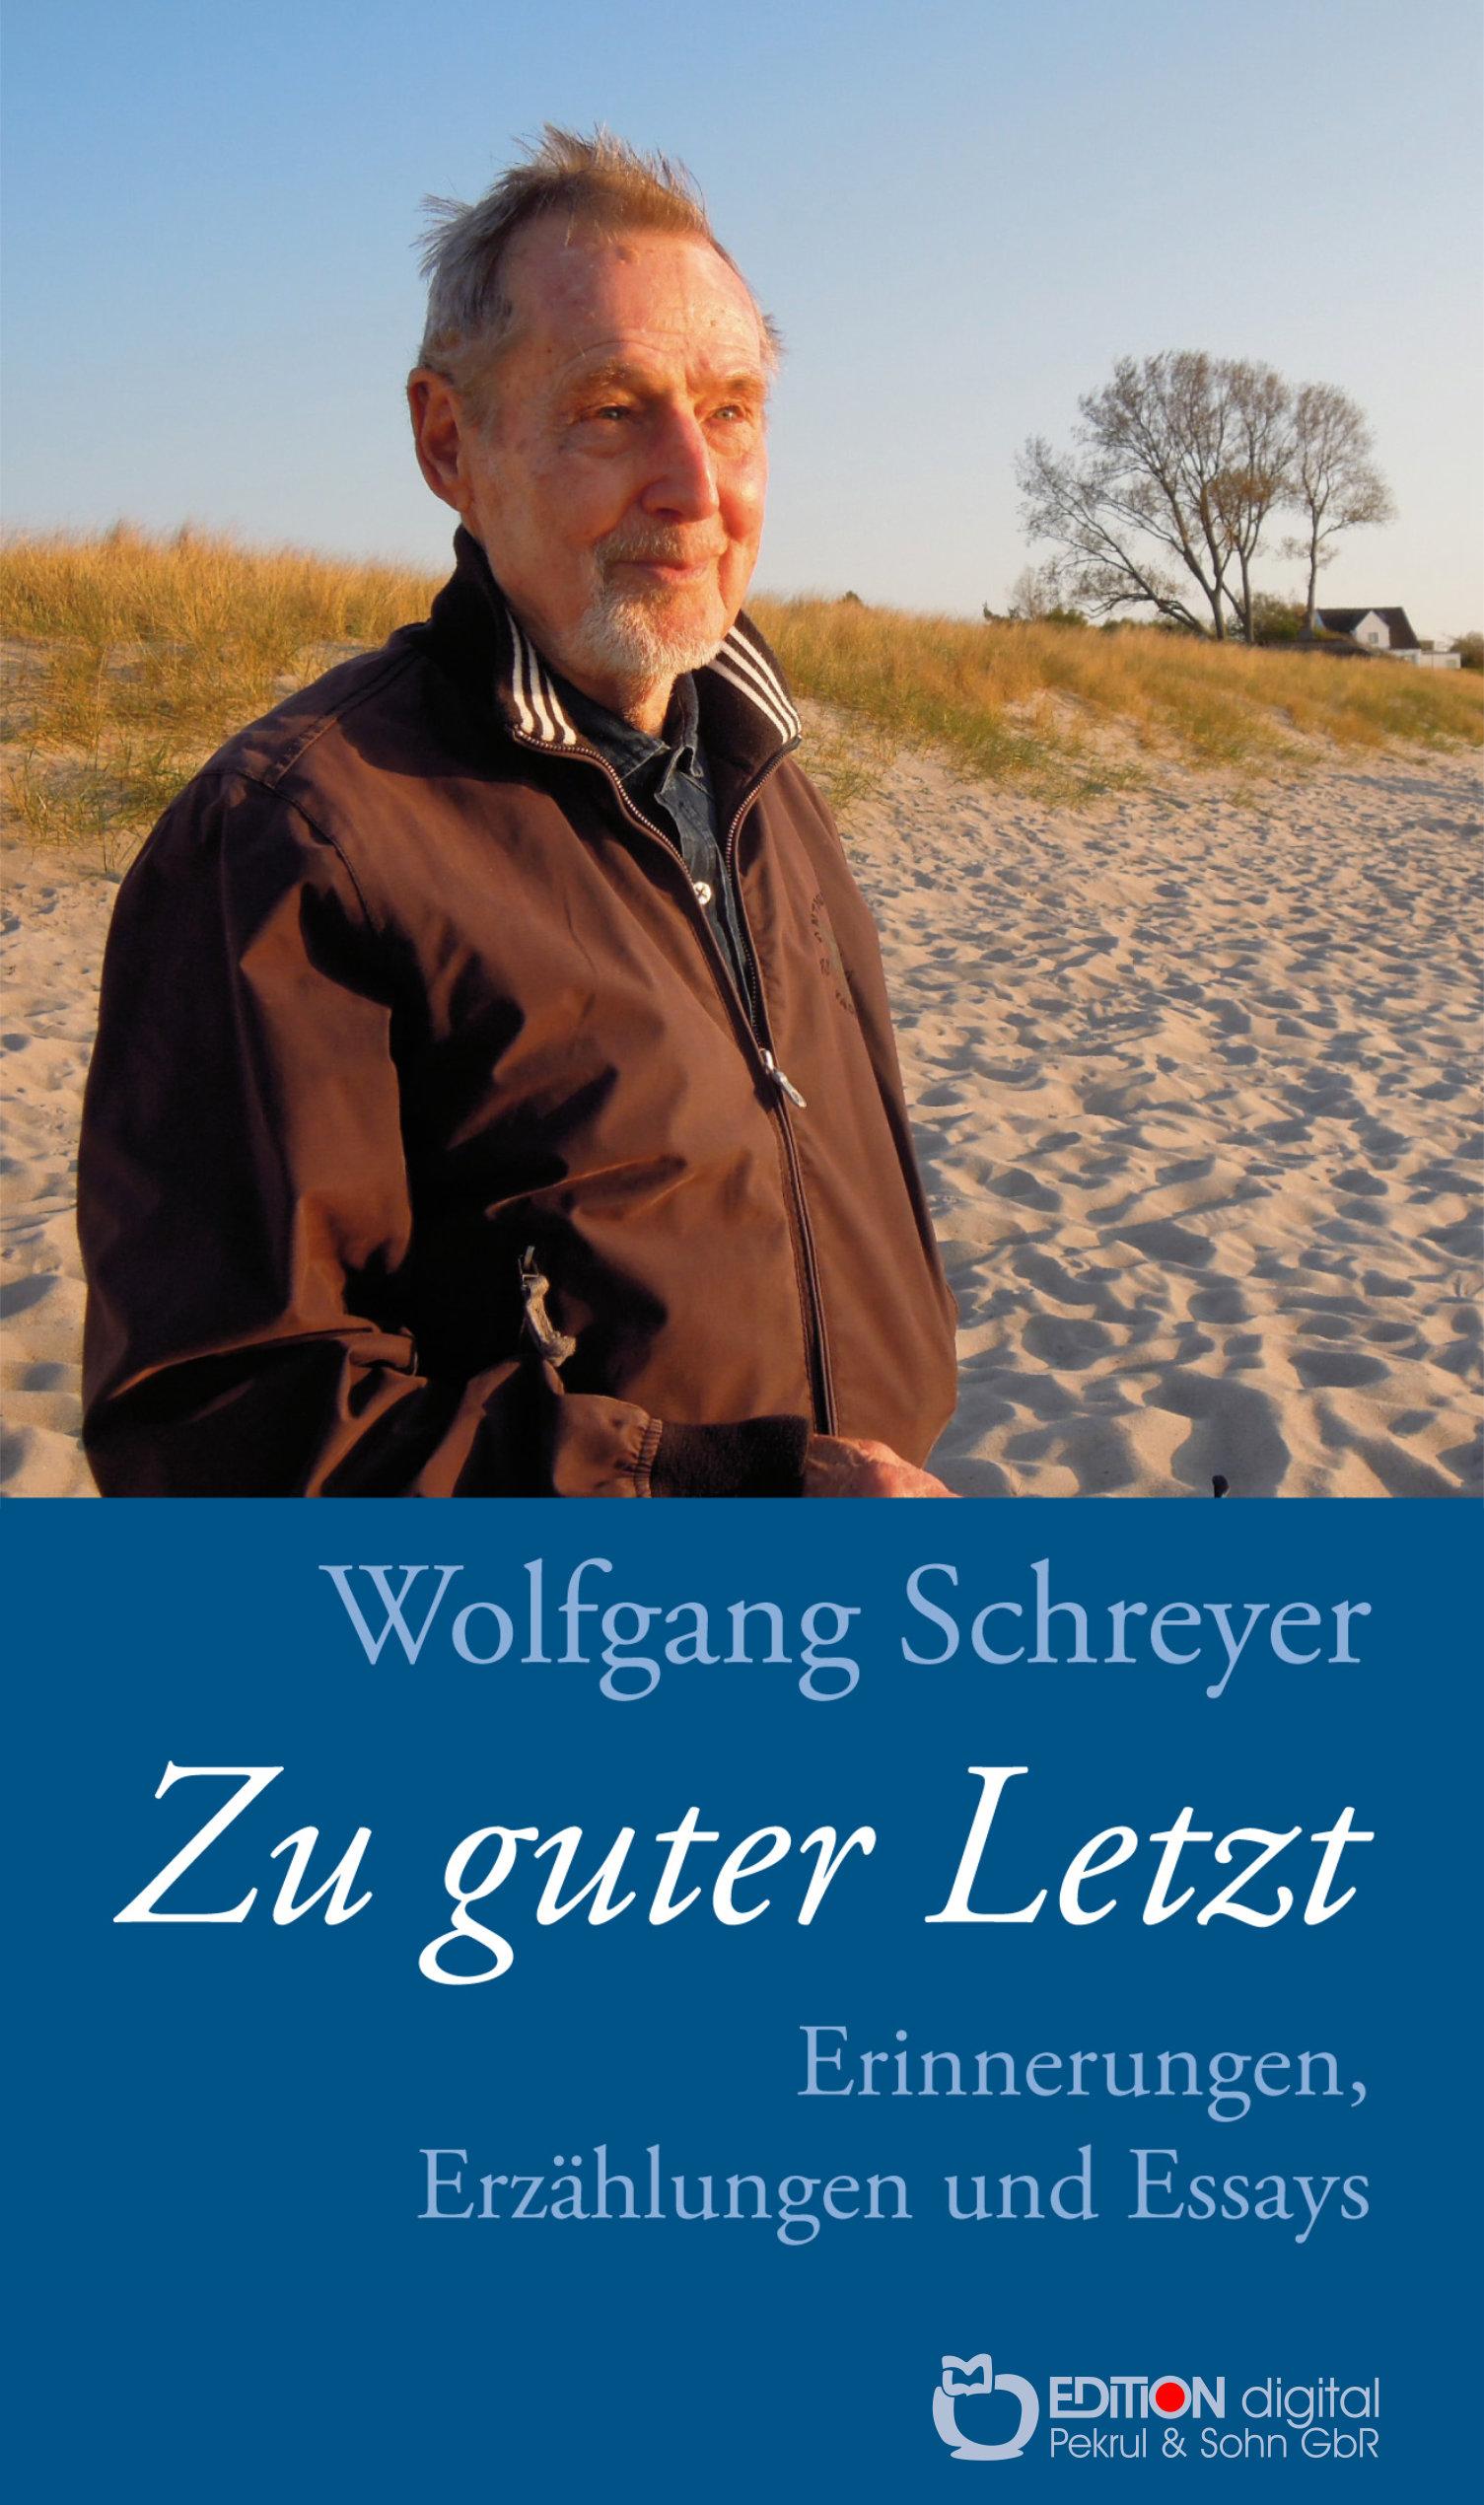 Zu guter Letzt. Erinnerungen, Erzählungen, Essays von Wolfgang Schreyer